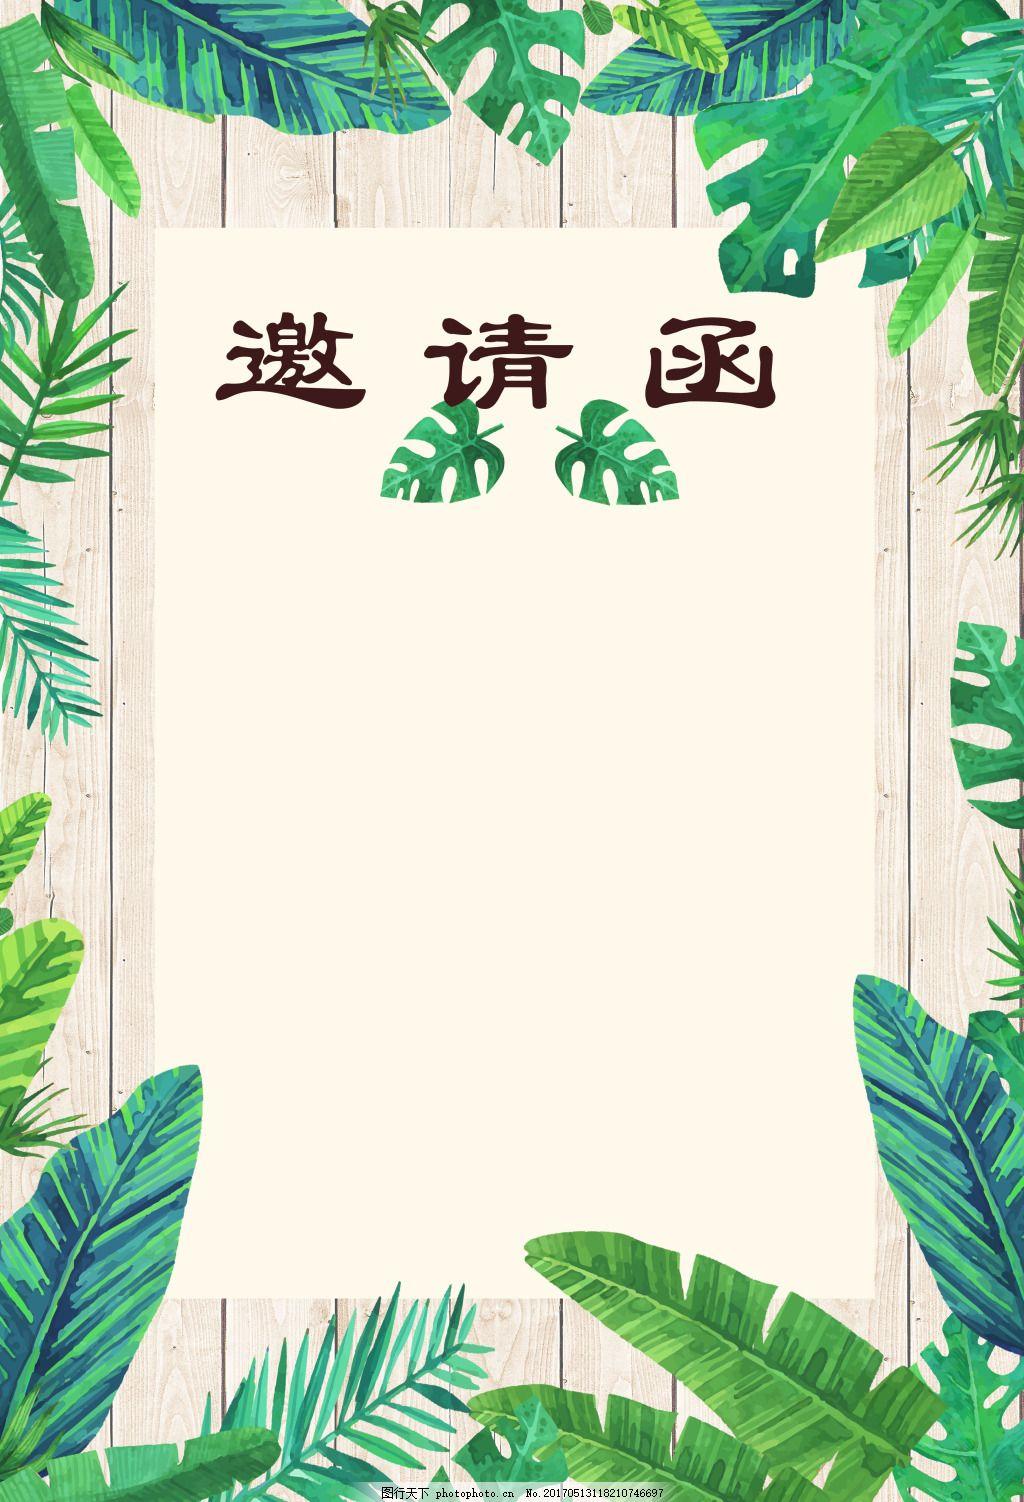 邀请函背景 海报 绿色植物 小清新图片